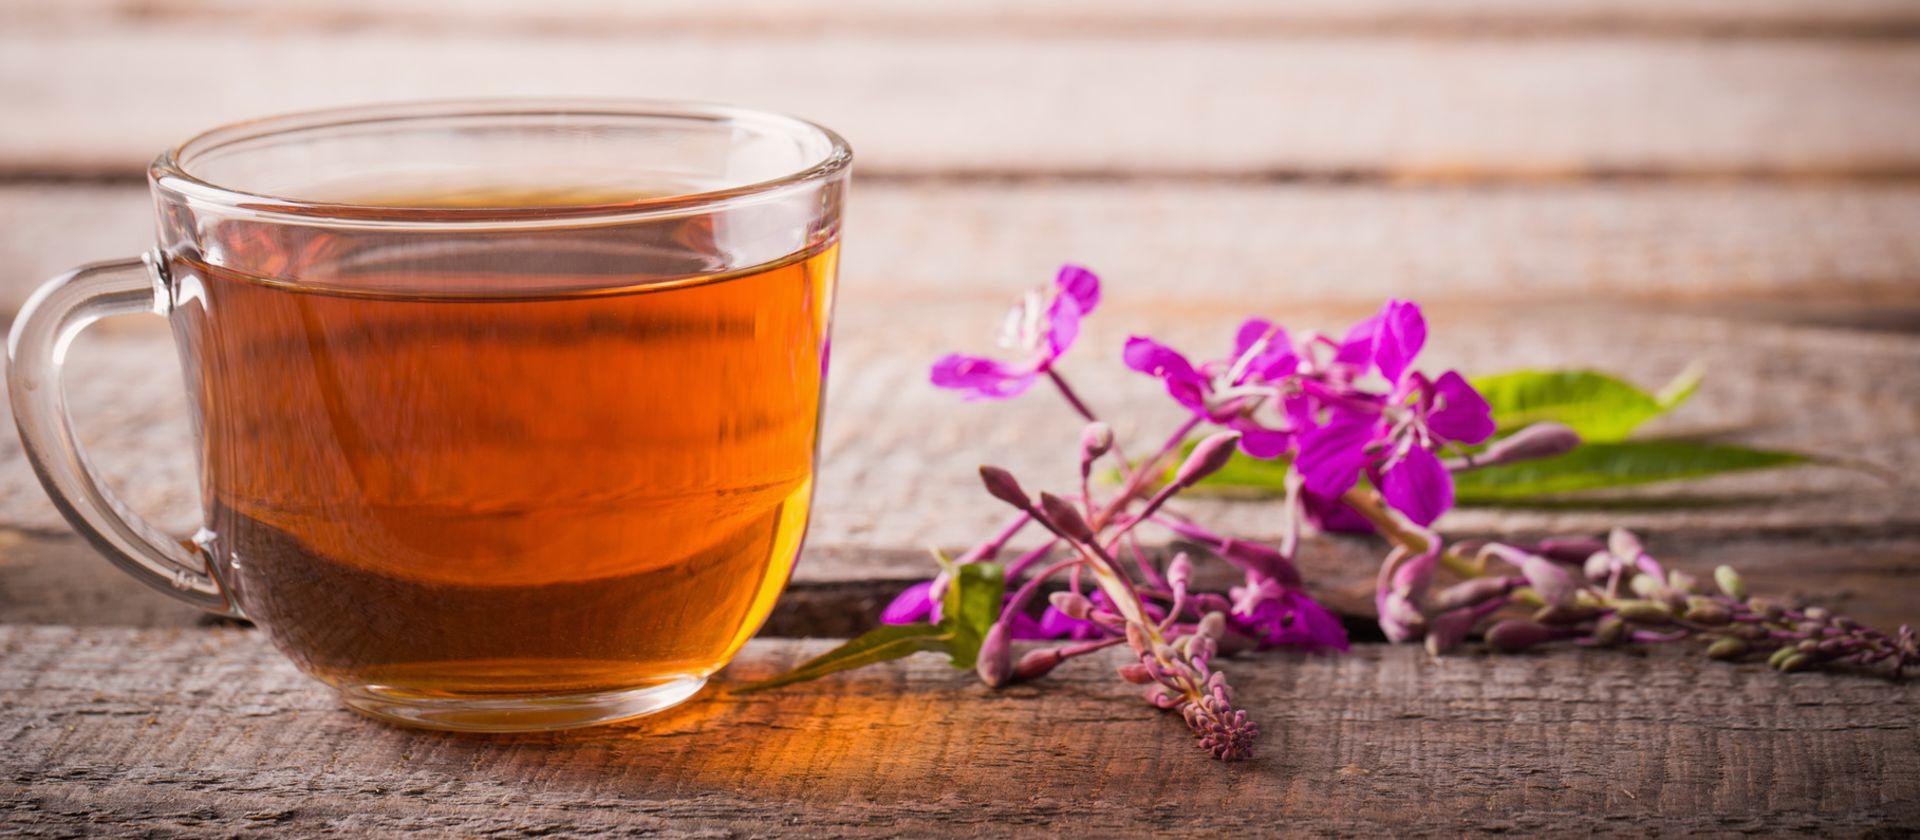 Как правильно заваривать и пить иван-чай при беременности